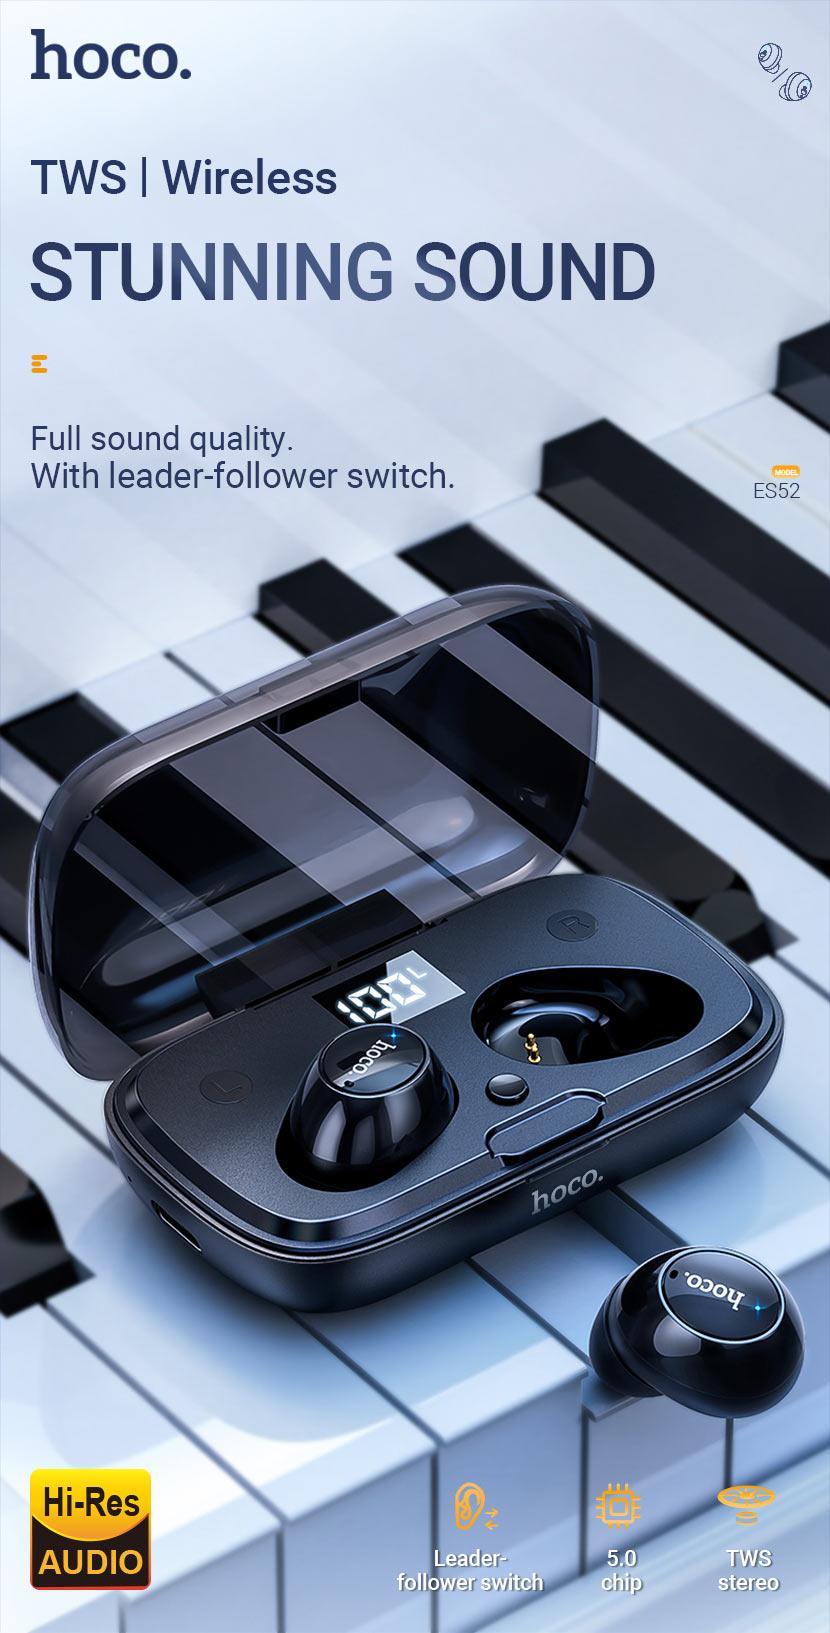 hoco news es52 delight tws wireless bt headset en